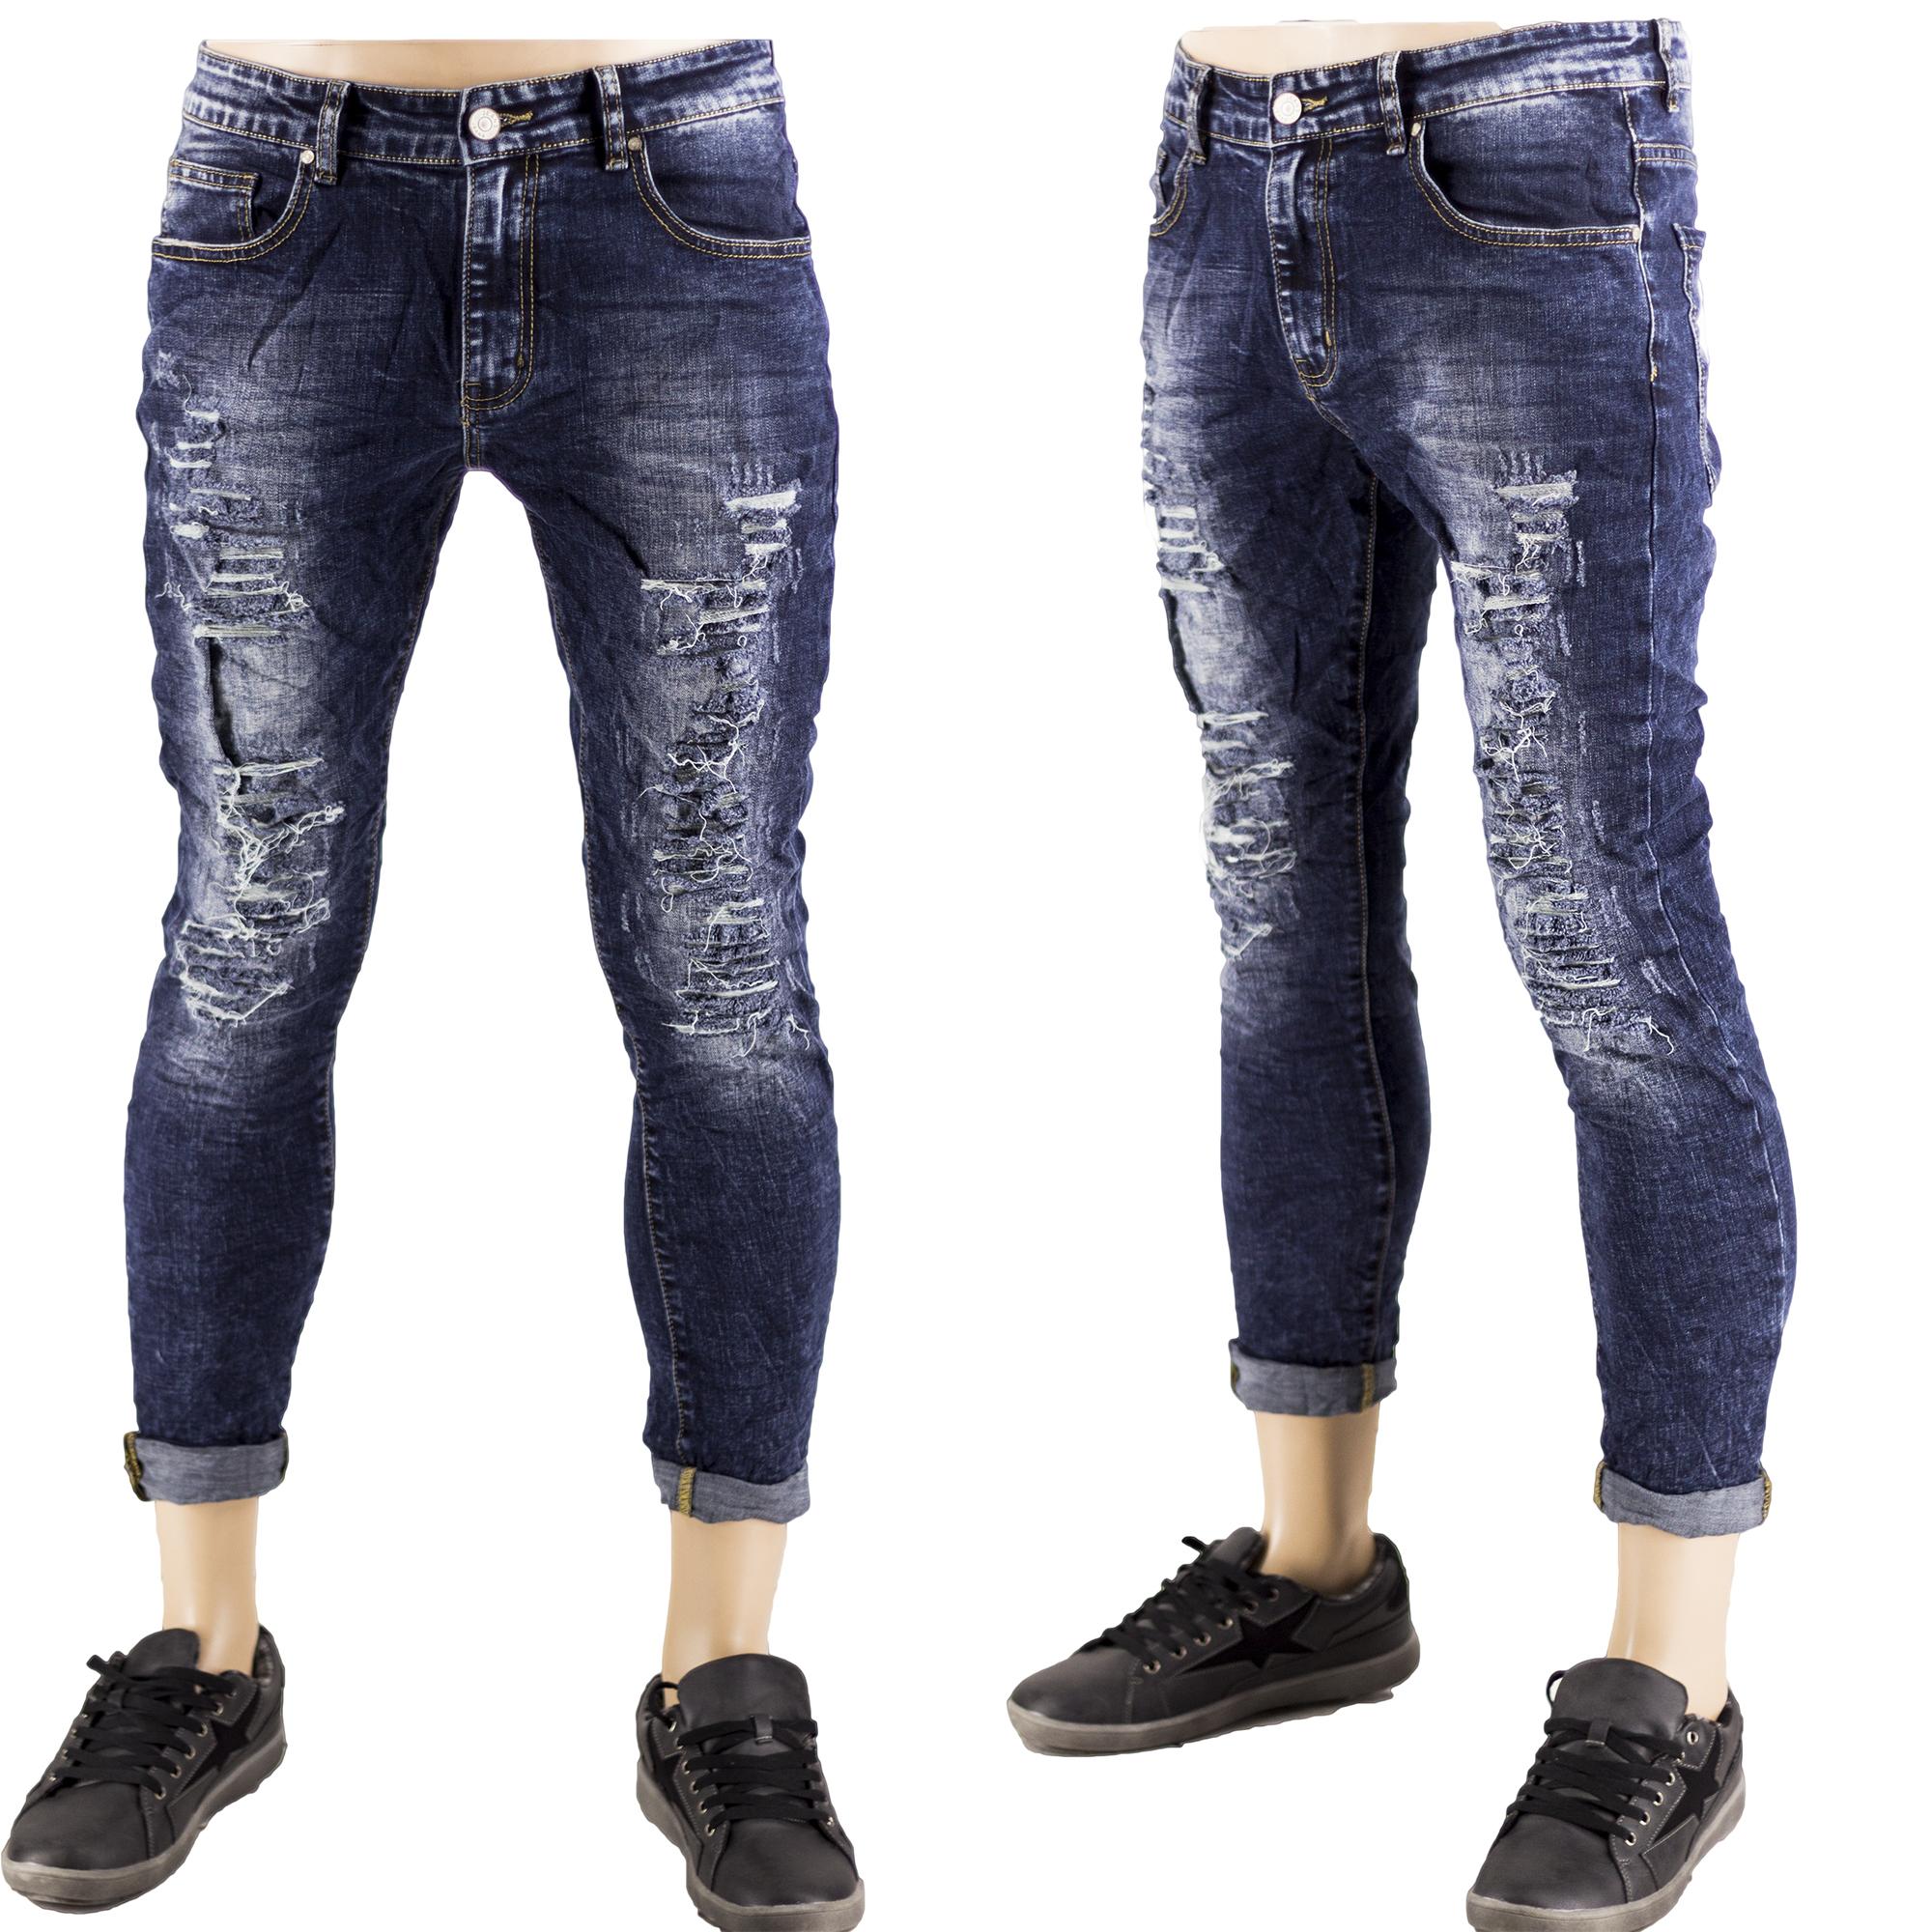 San Francisco 75f5d ea49b Jeans Uomo Slim Strappati Elasticizzati Pantaloni Strappi Gambe Sfilacciato  Blu